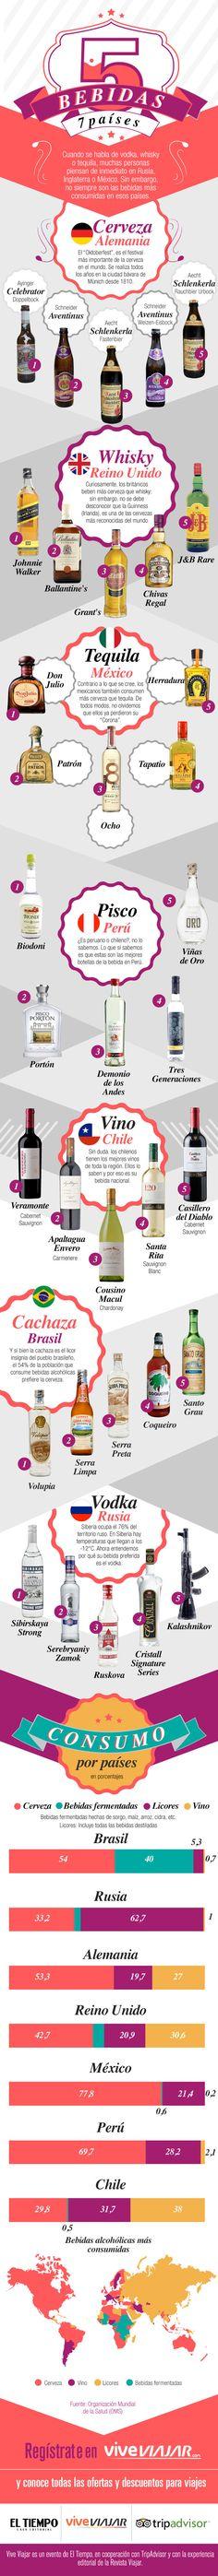 Cinco bebidas, siete países: Datos curiosos del alcohol en el mundo